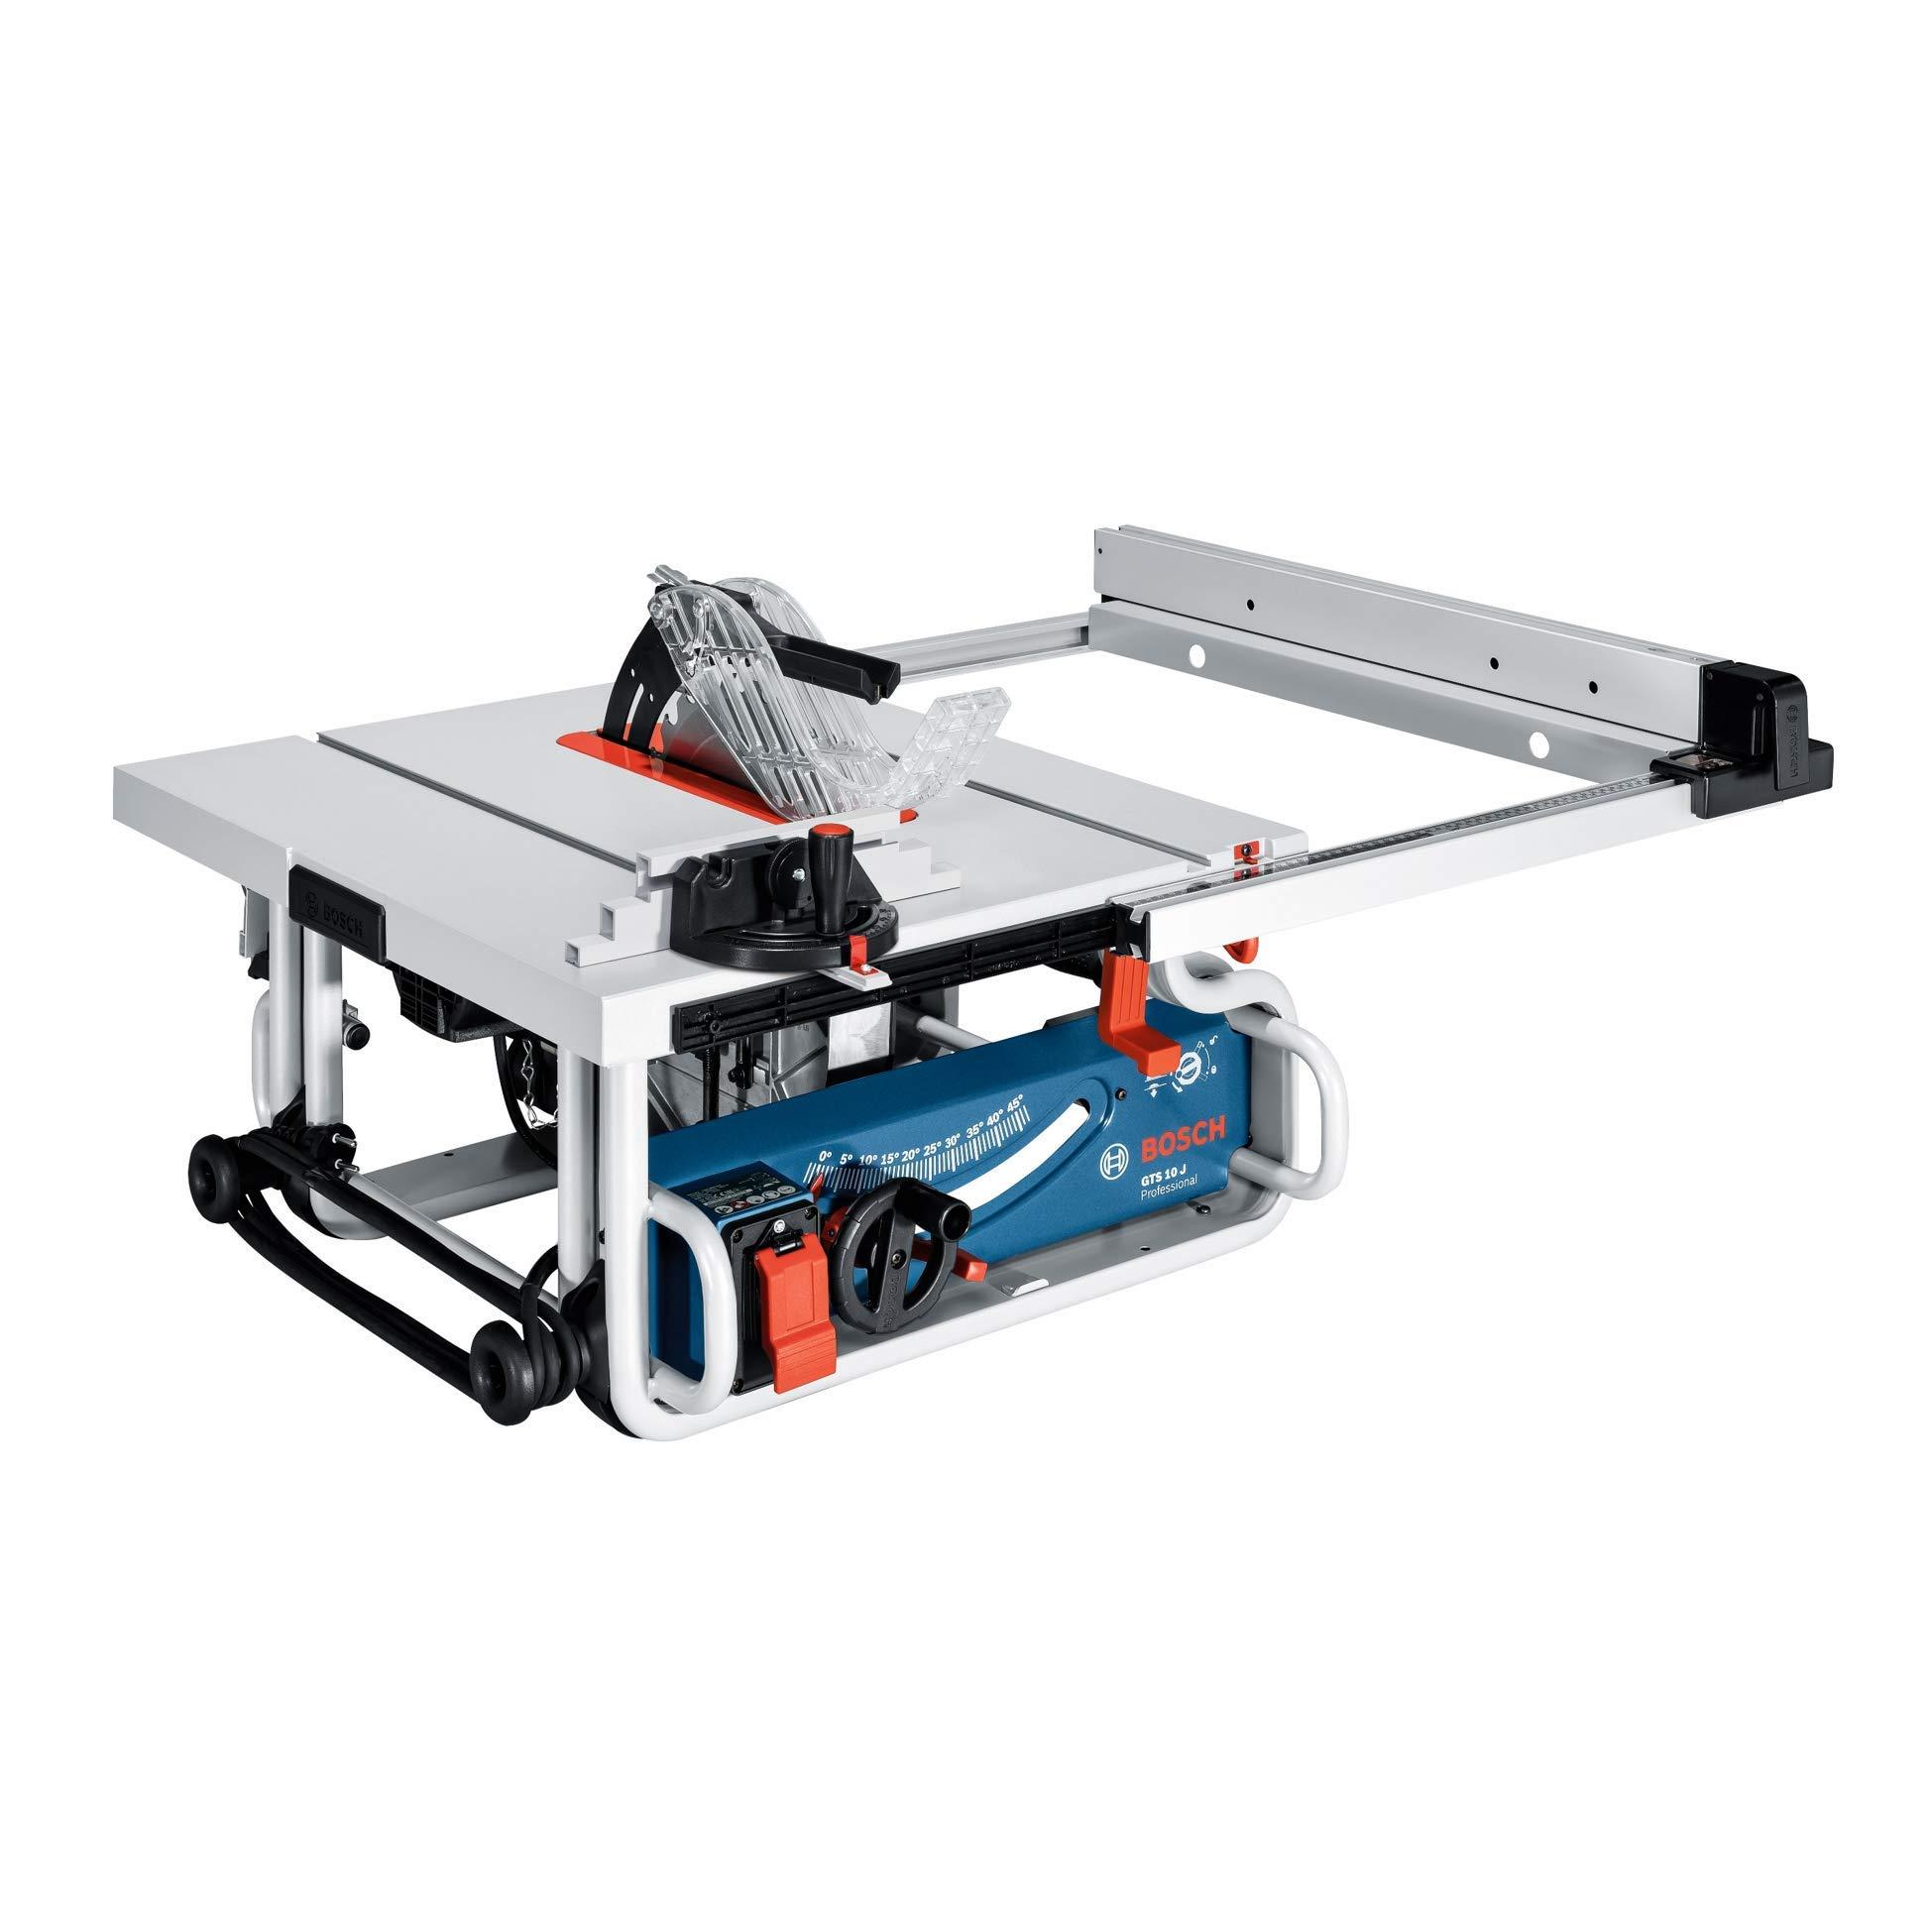 Bosch Professional GTS 10 J Tischkreissäge (0601B30500), Sägeblatt 254 mm